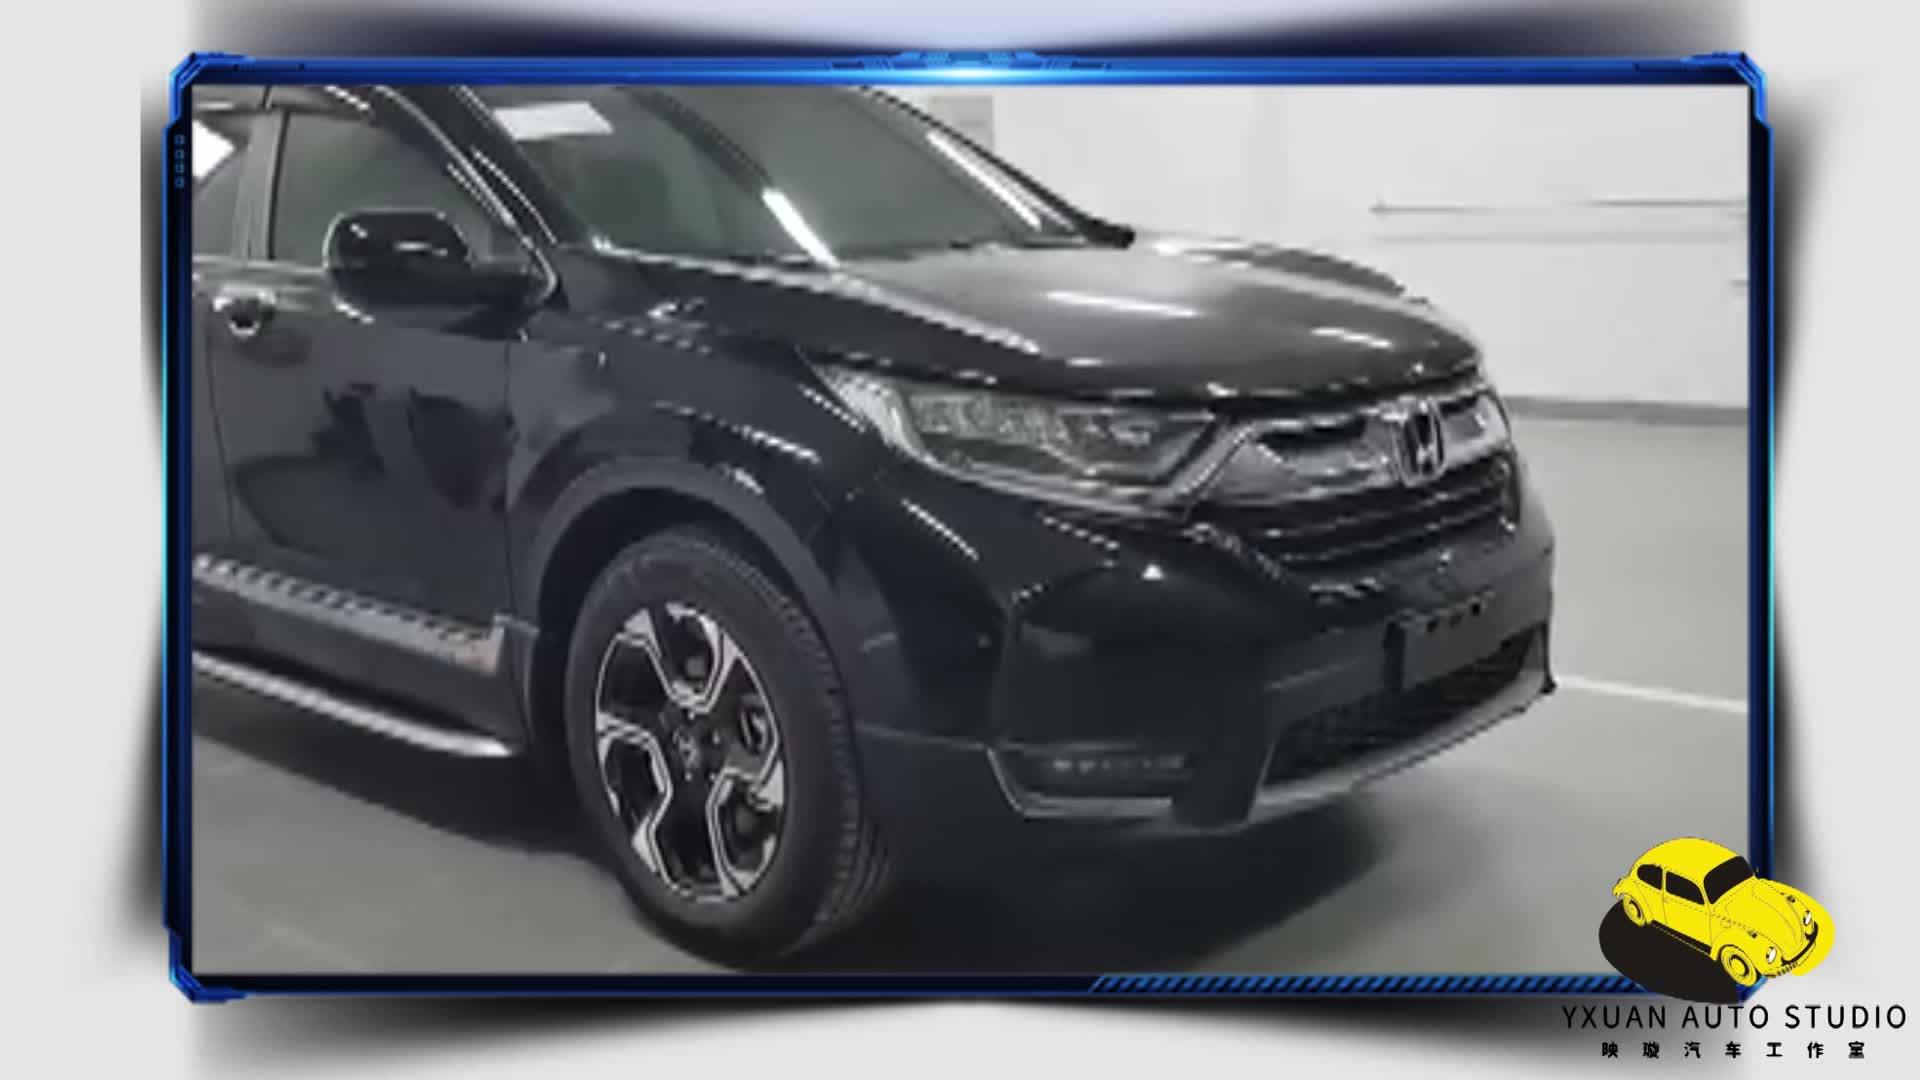 视频:全新日产奇骏,外观神似丰田RAV4,将于明年进入国内销售